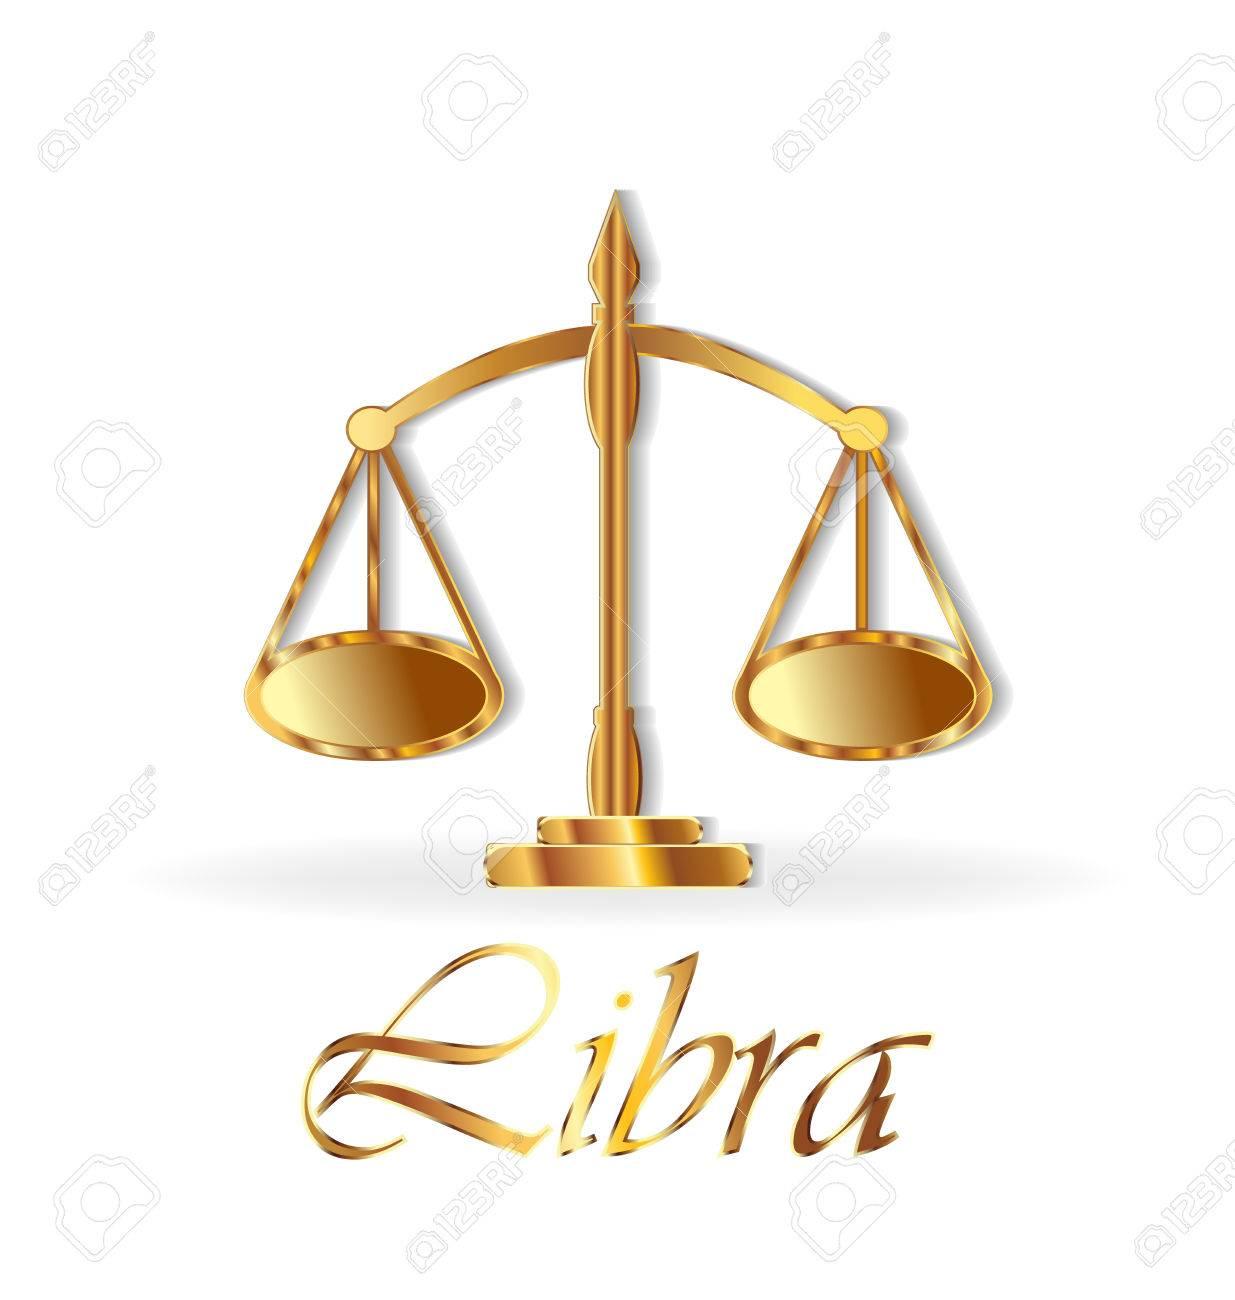 libra horoscope pictures